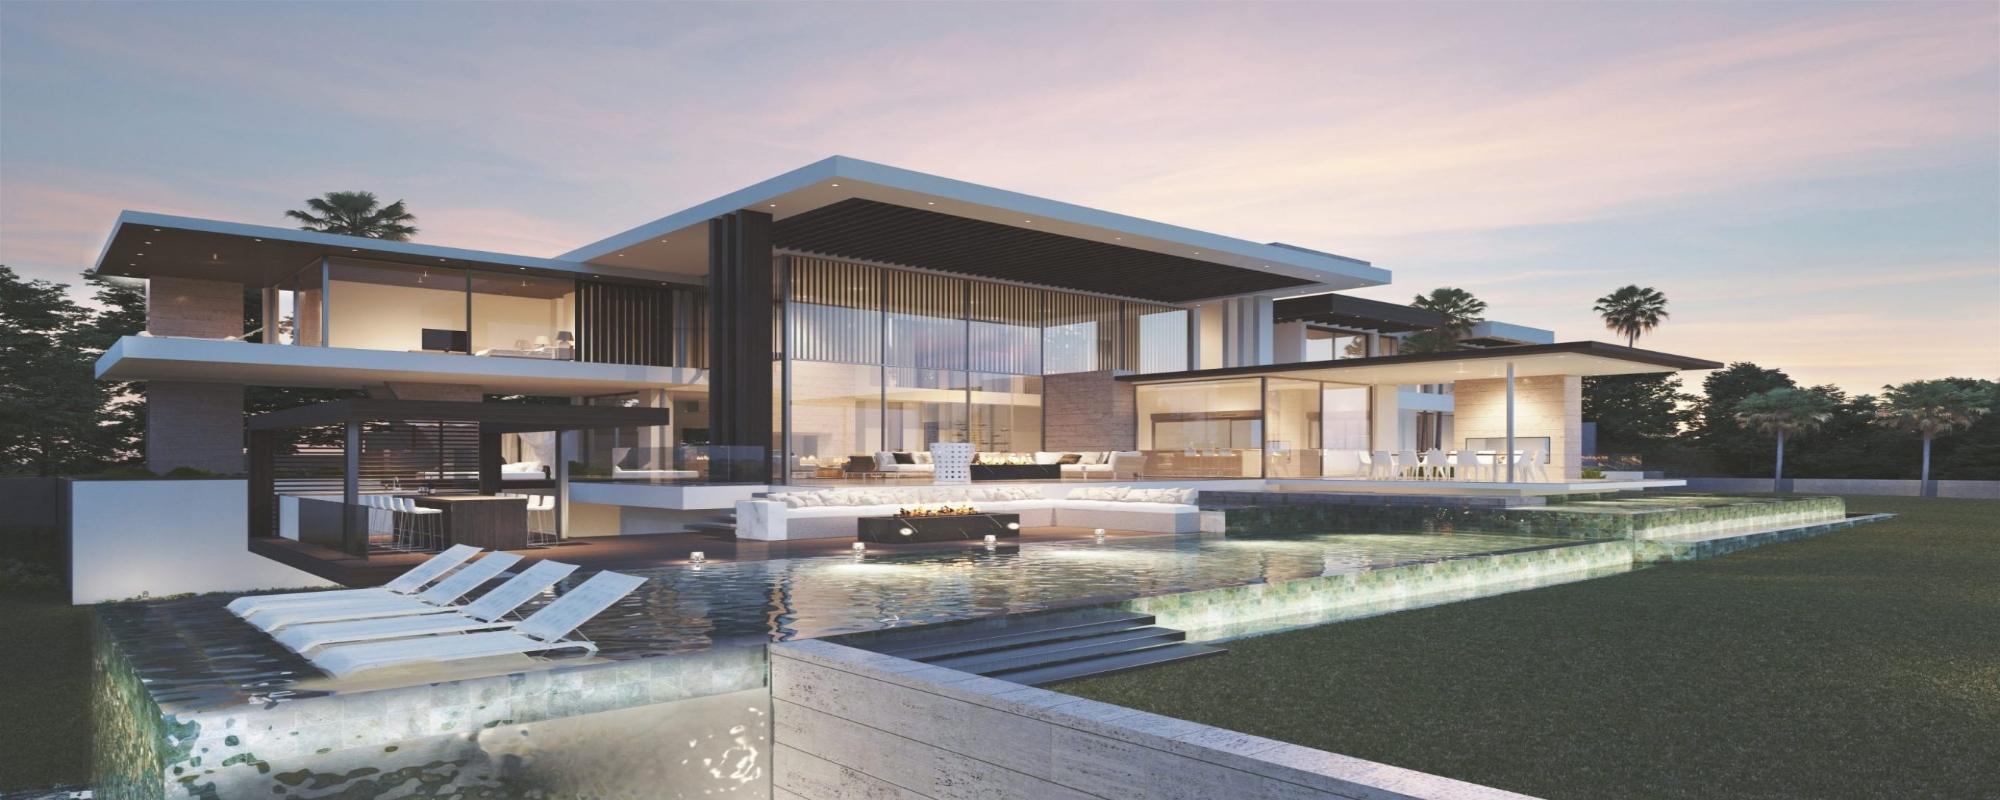 Arquitectura lujuosa: Senda crea proyectos lujuosos en Marbella arquitectura lujuosa Arquitectura lujuosa: Senda crea proyectos lujuosos en Marbella Featured 17